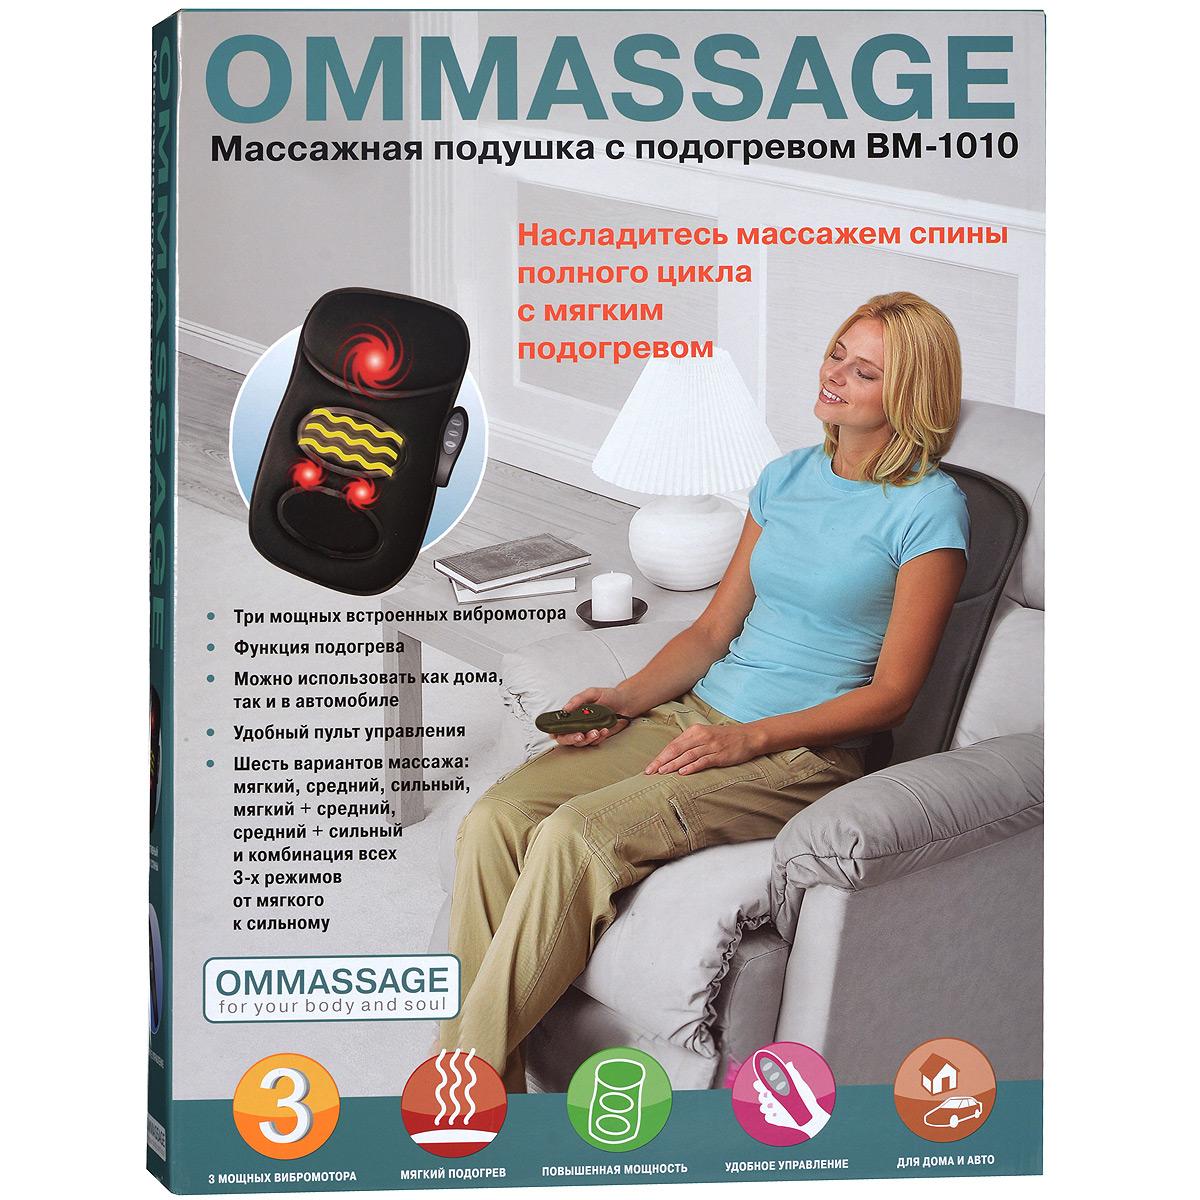 Массажная подушка для спины Ommassage BM-1010 Ommassage